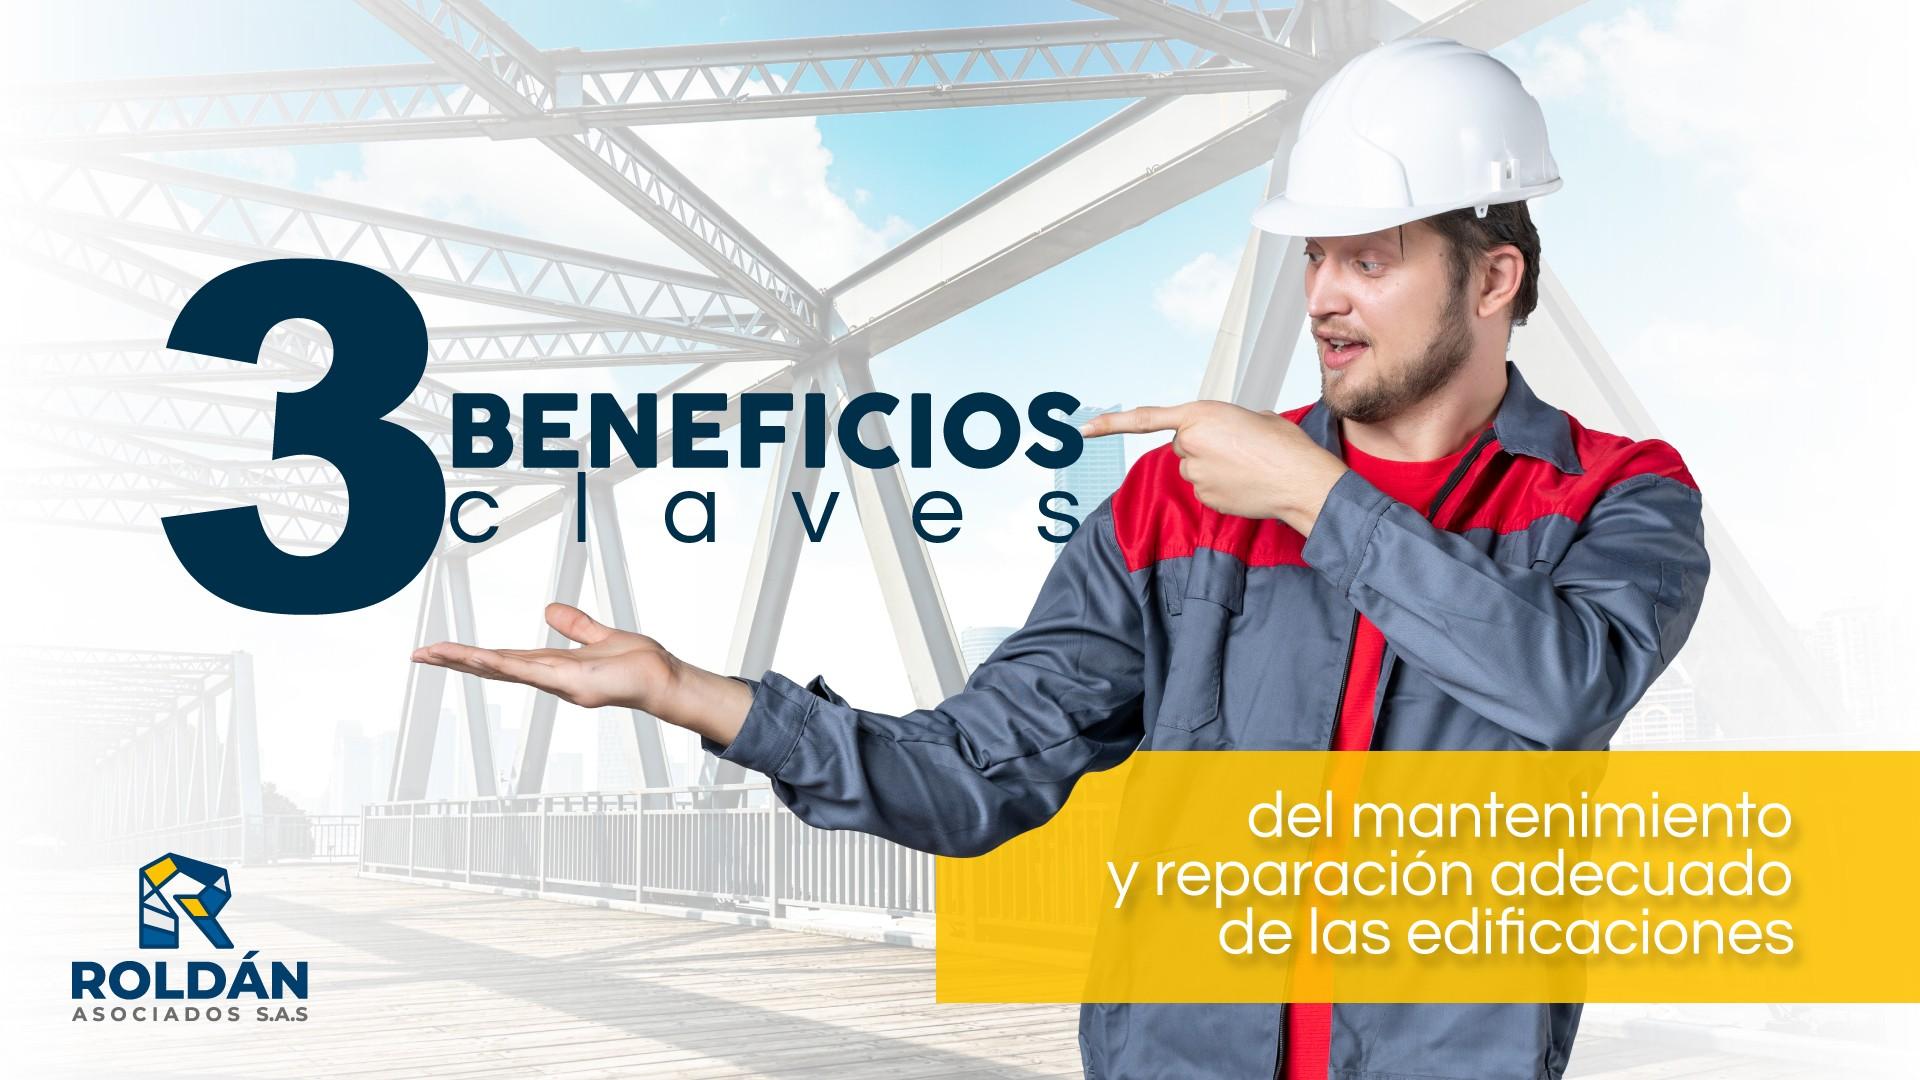 3 beneficios claves del mantenimiento y reparación adecuado de las edificaciones